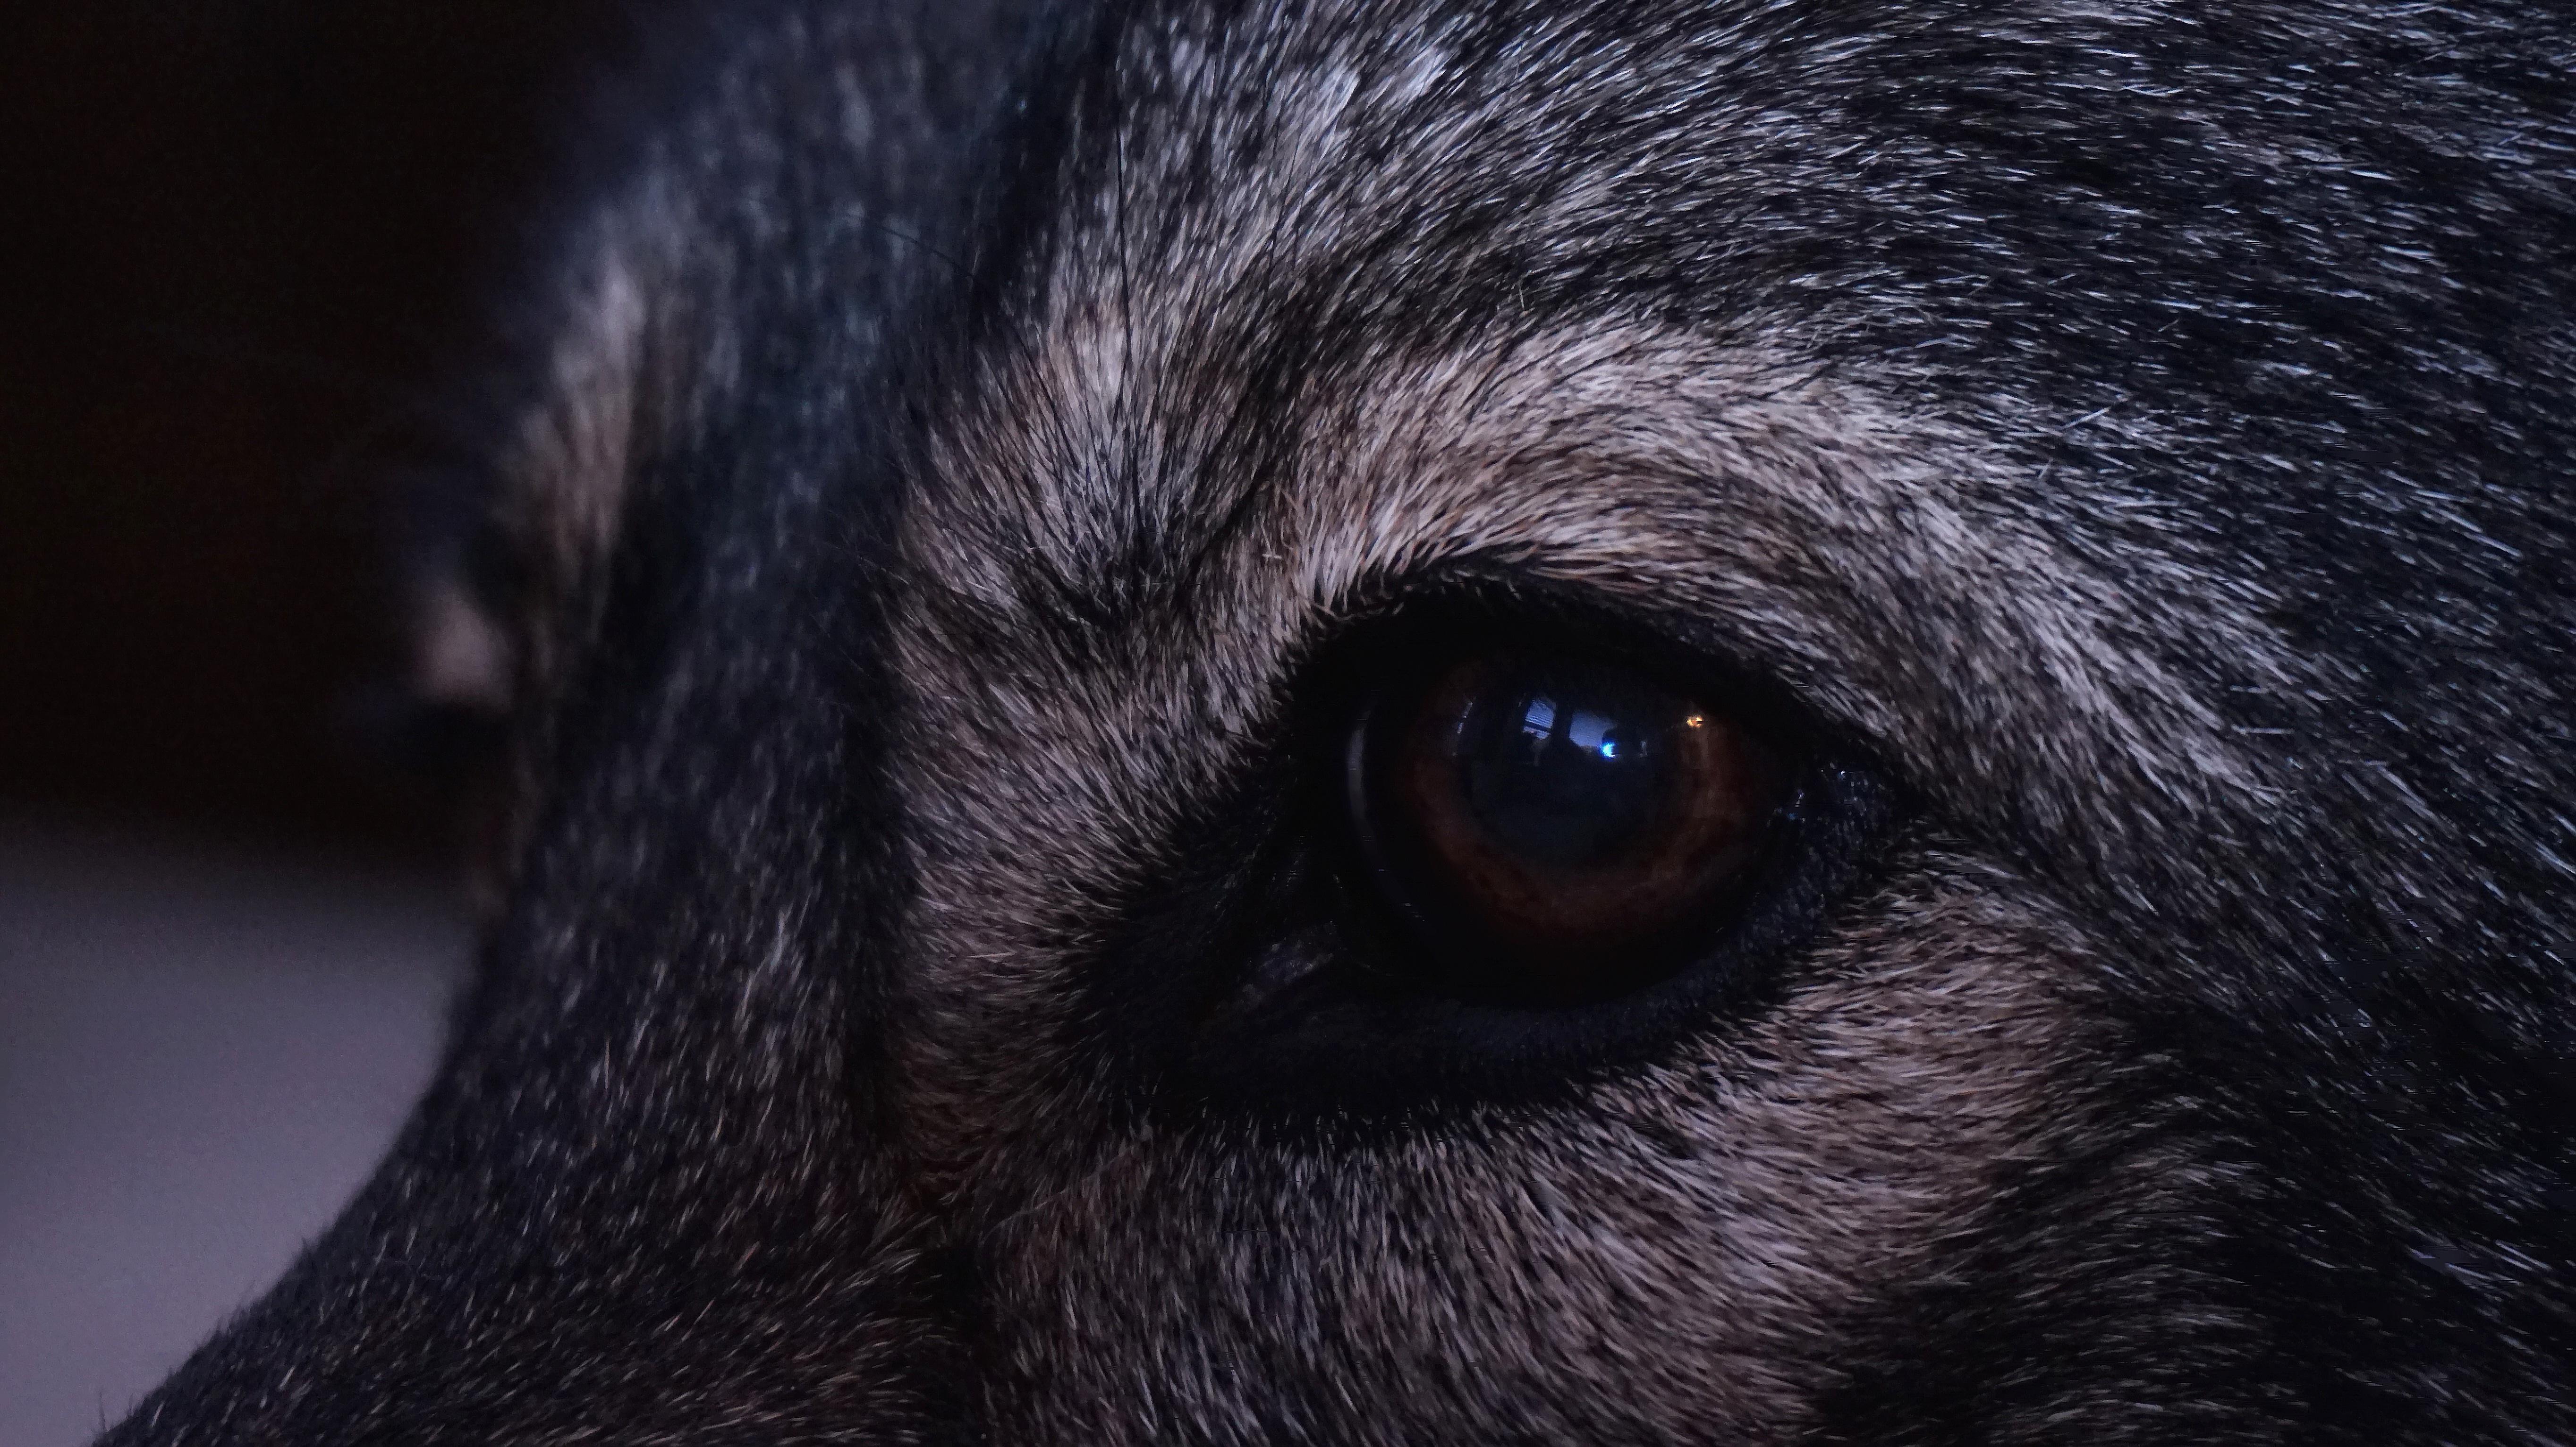 глаза волка у человека фото григория есть